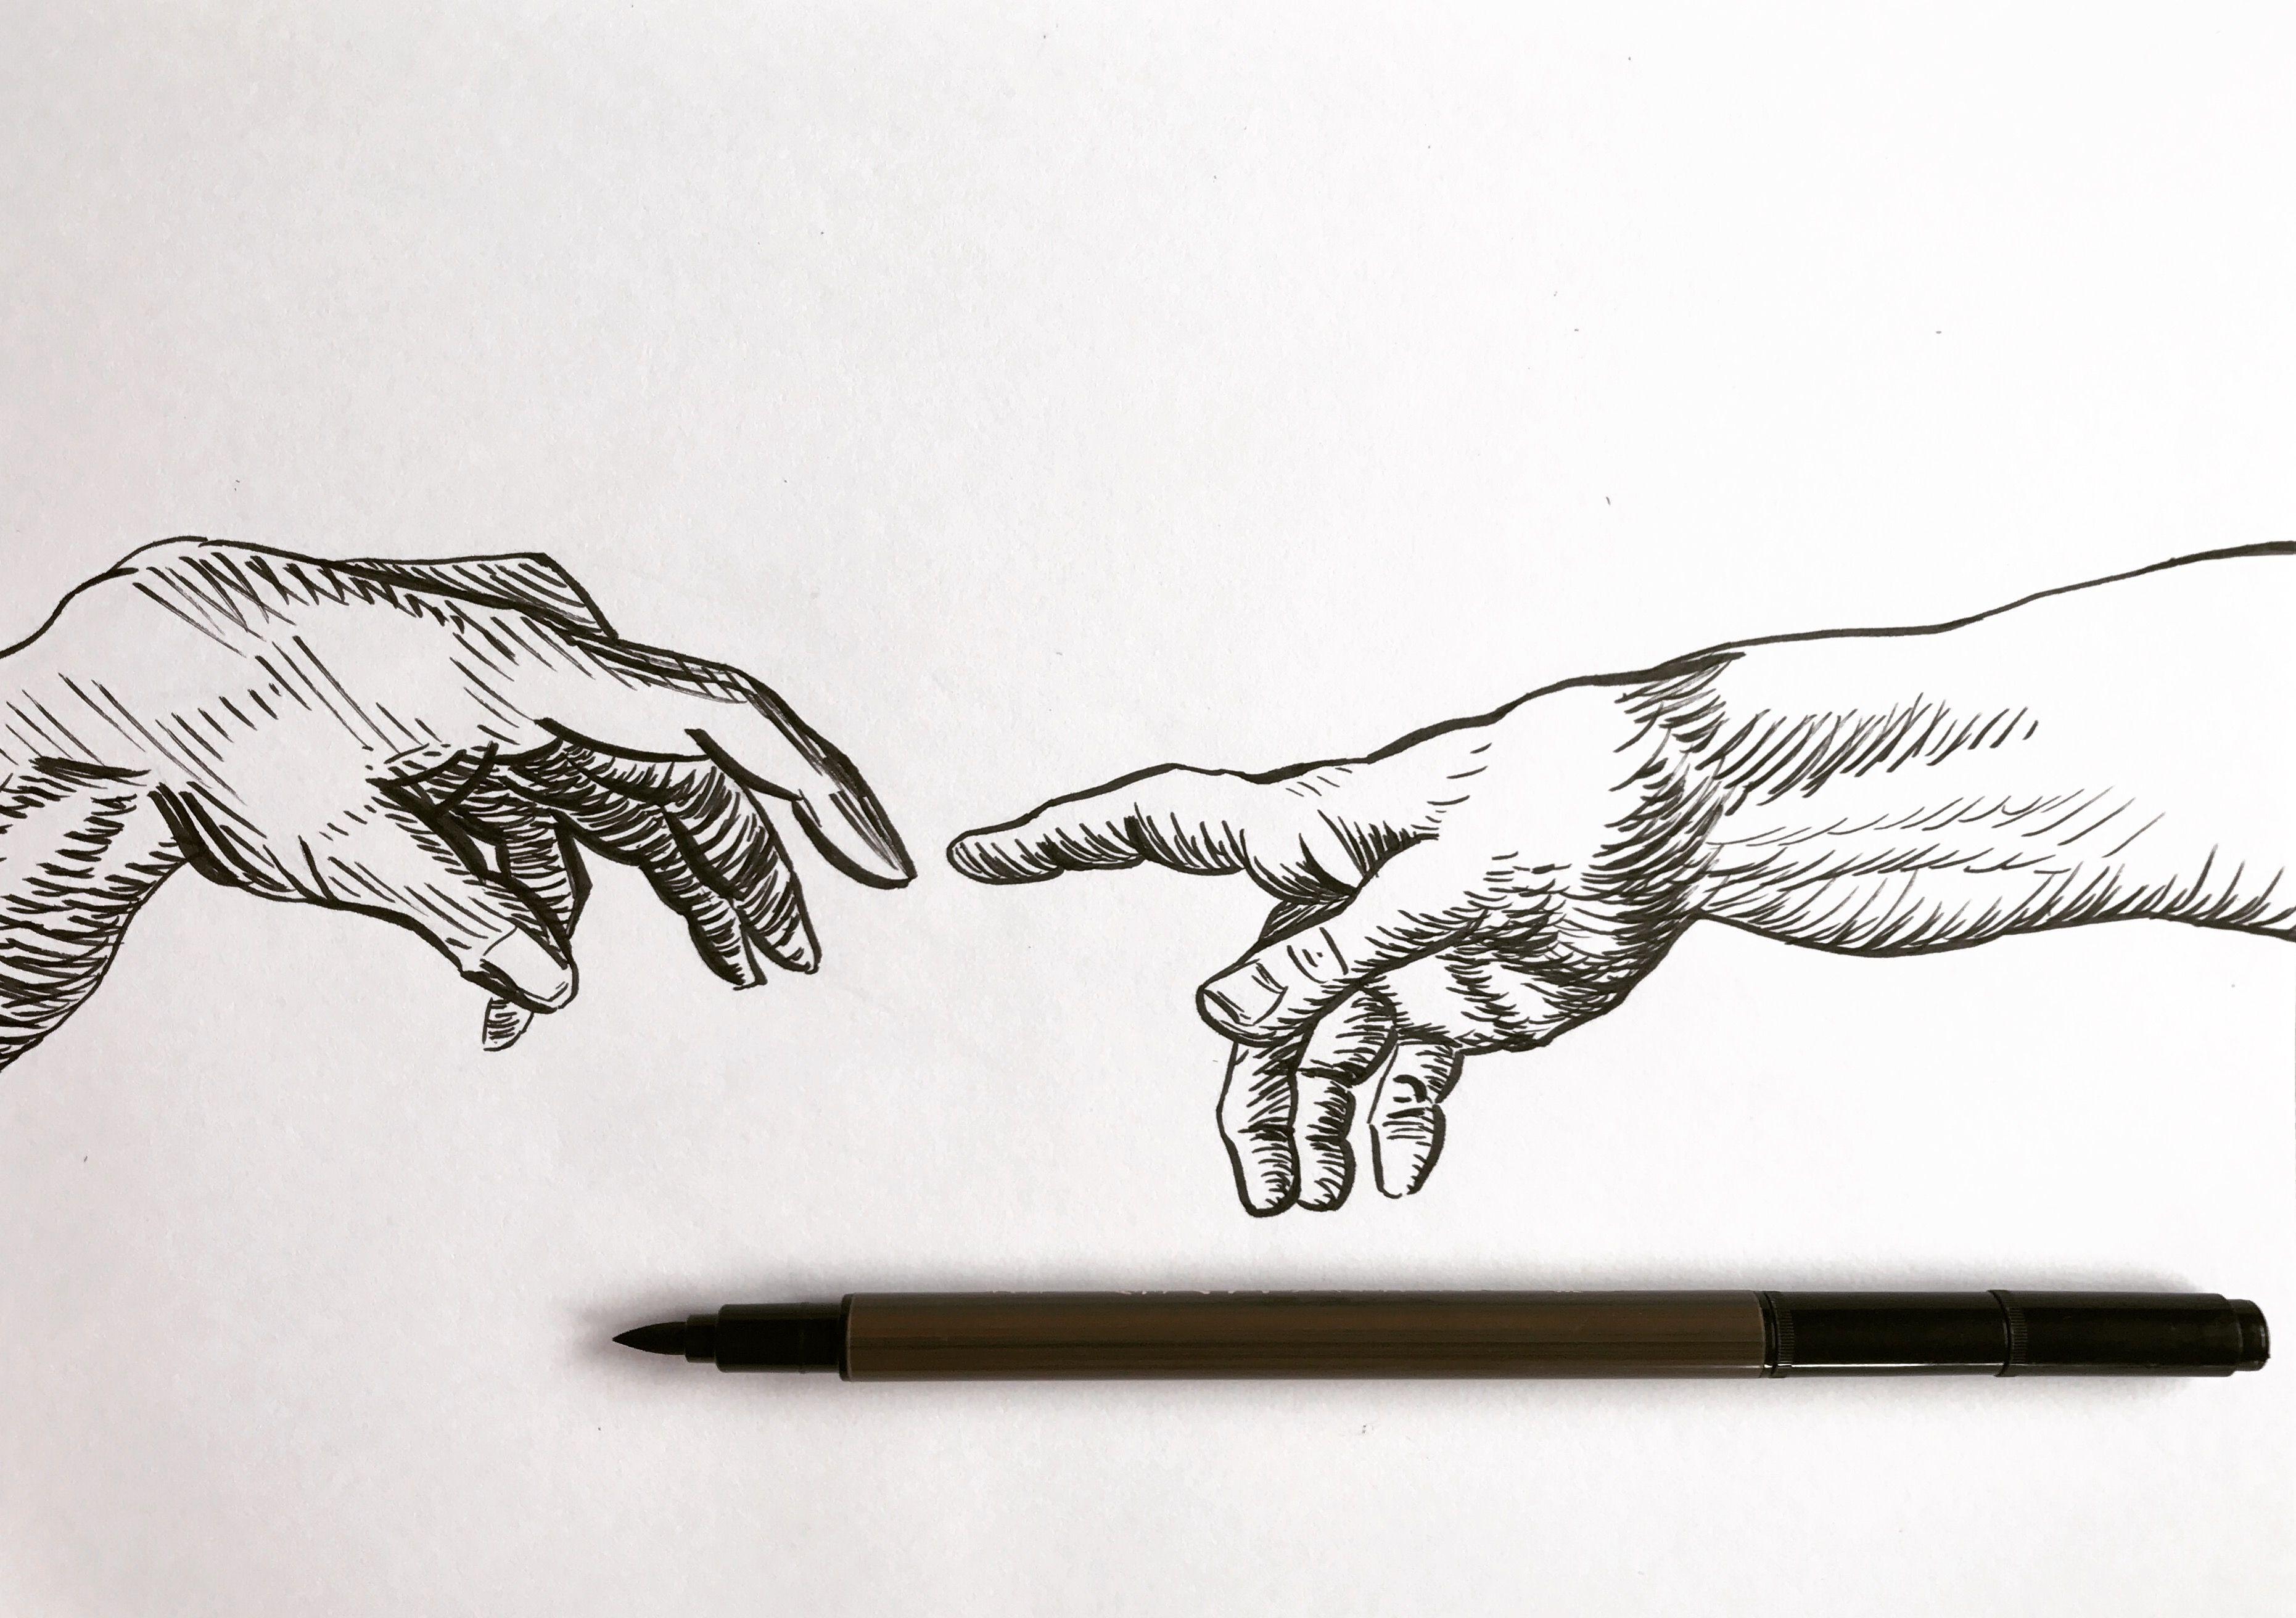 creative hand drawings - HD3723×2624